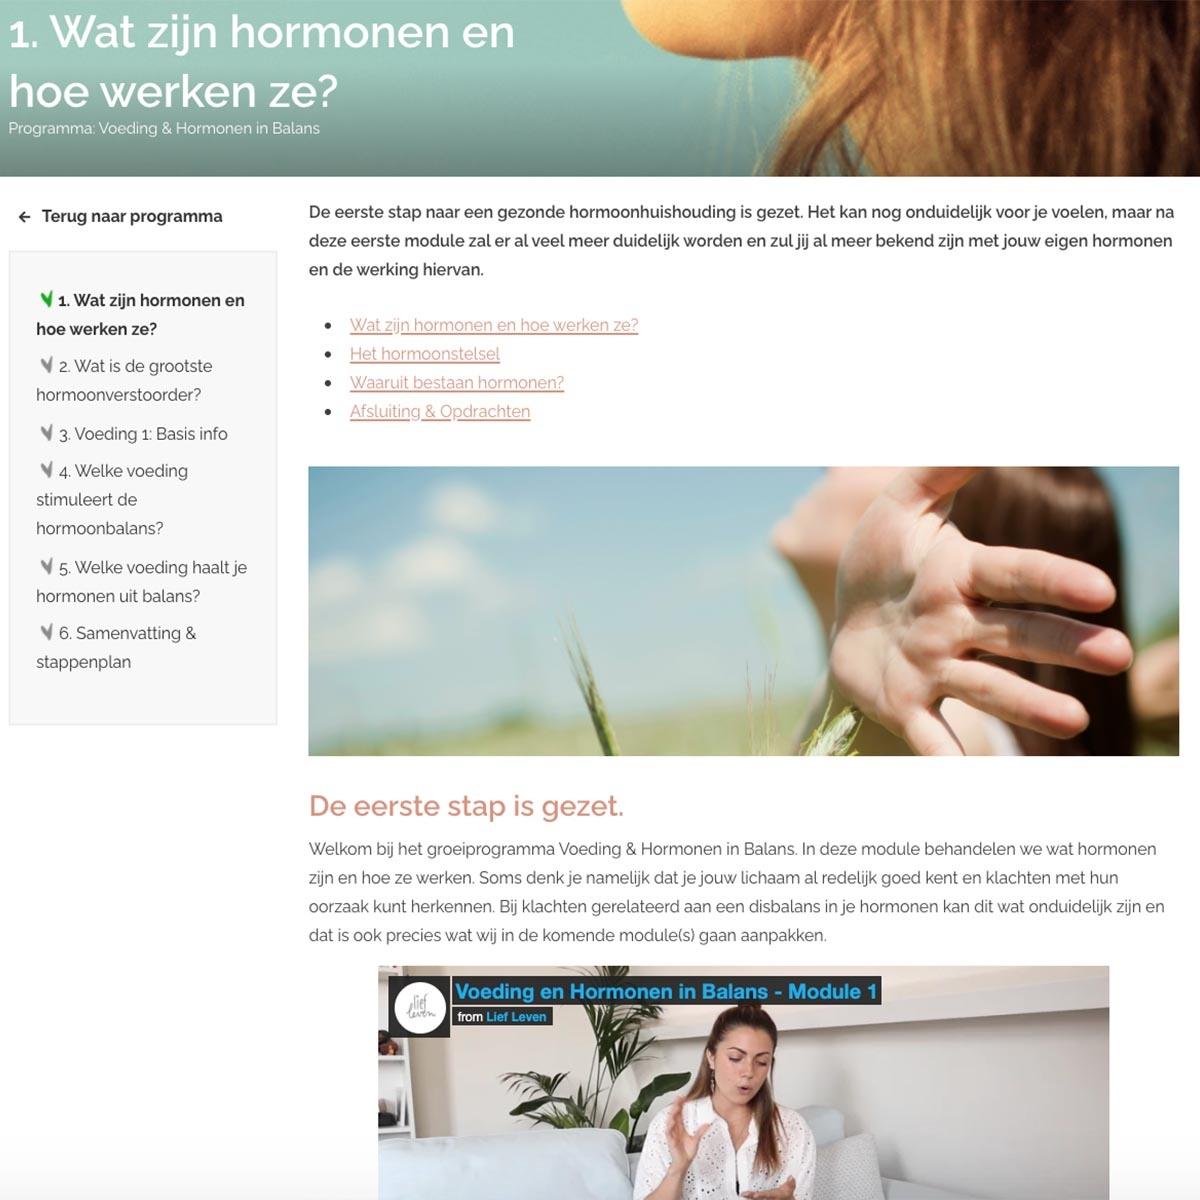 Groeiprogramma • Voeding & Hormonen in Balans